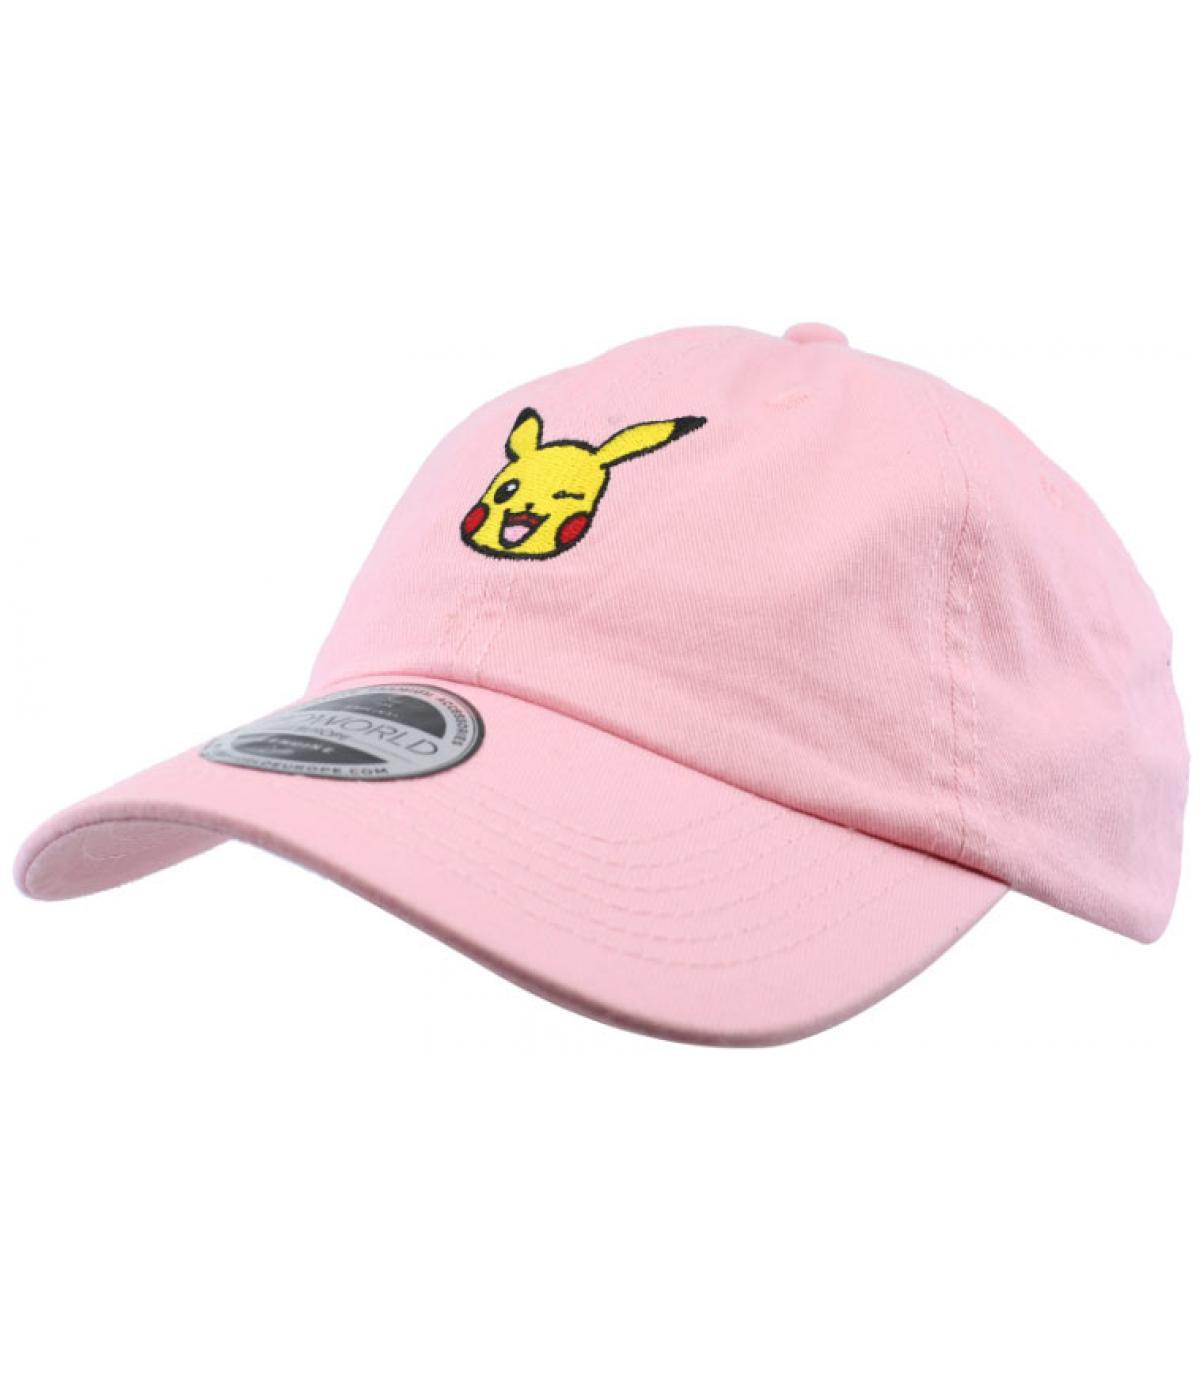 Détails Pikachu Dad Hat pink - image 2